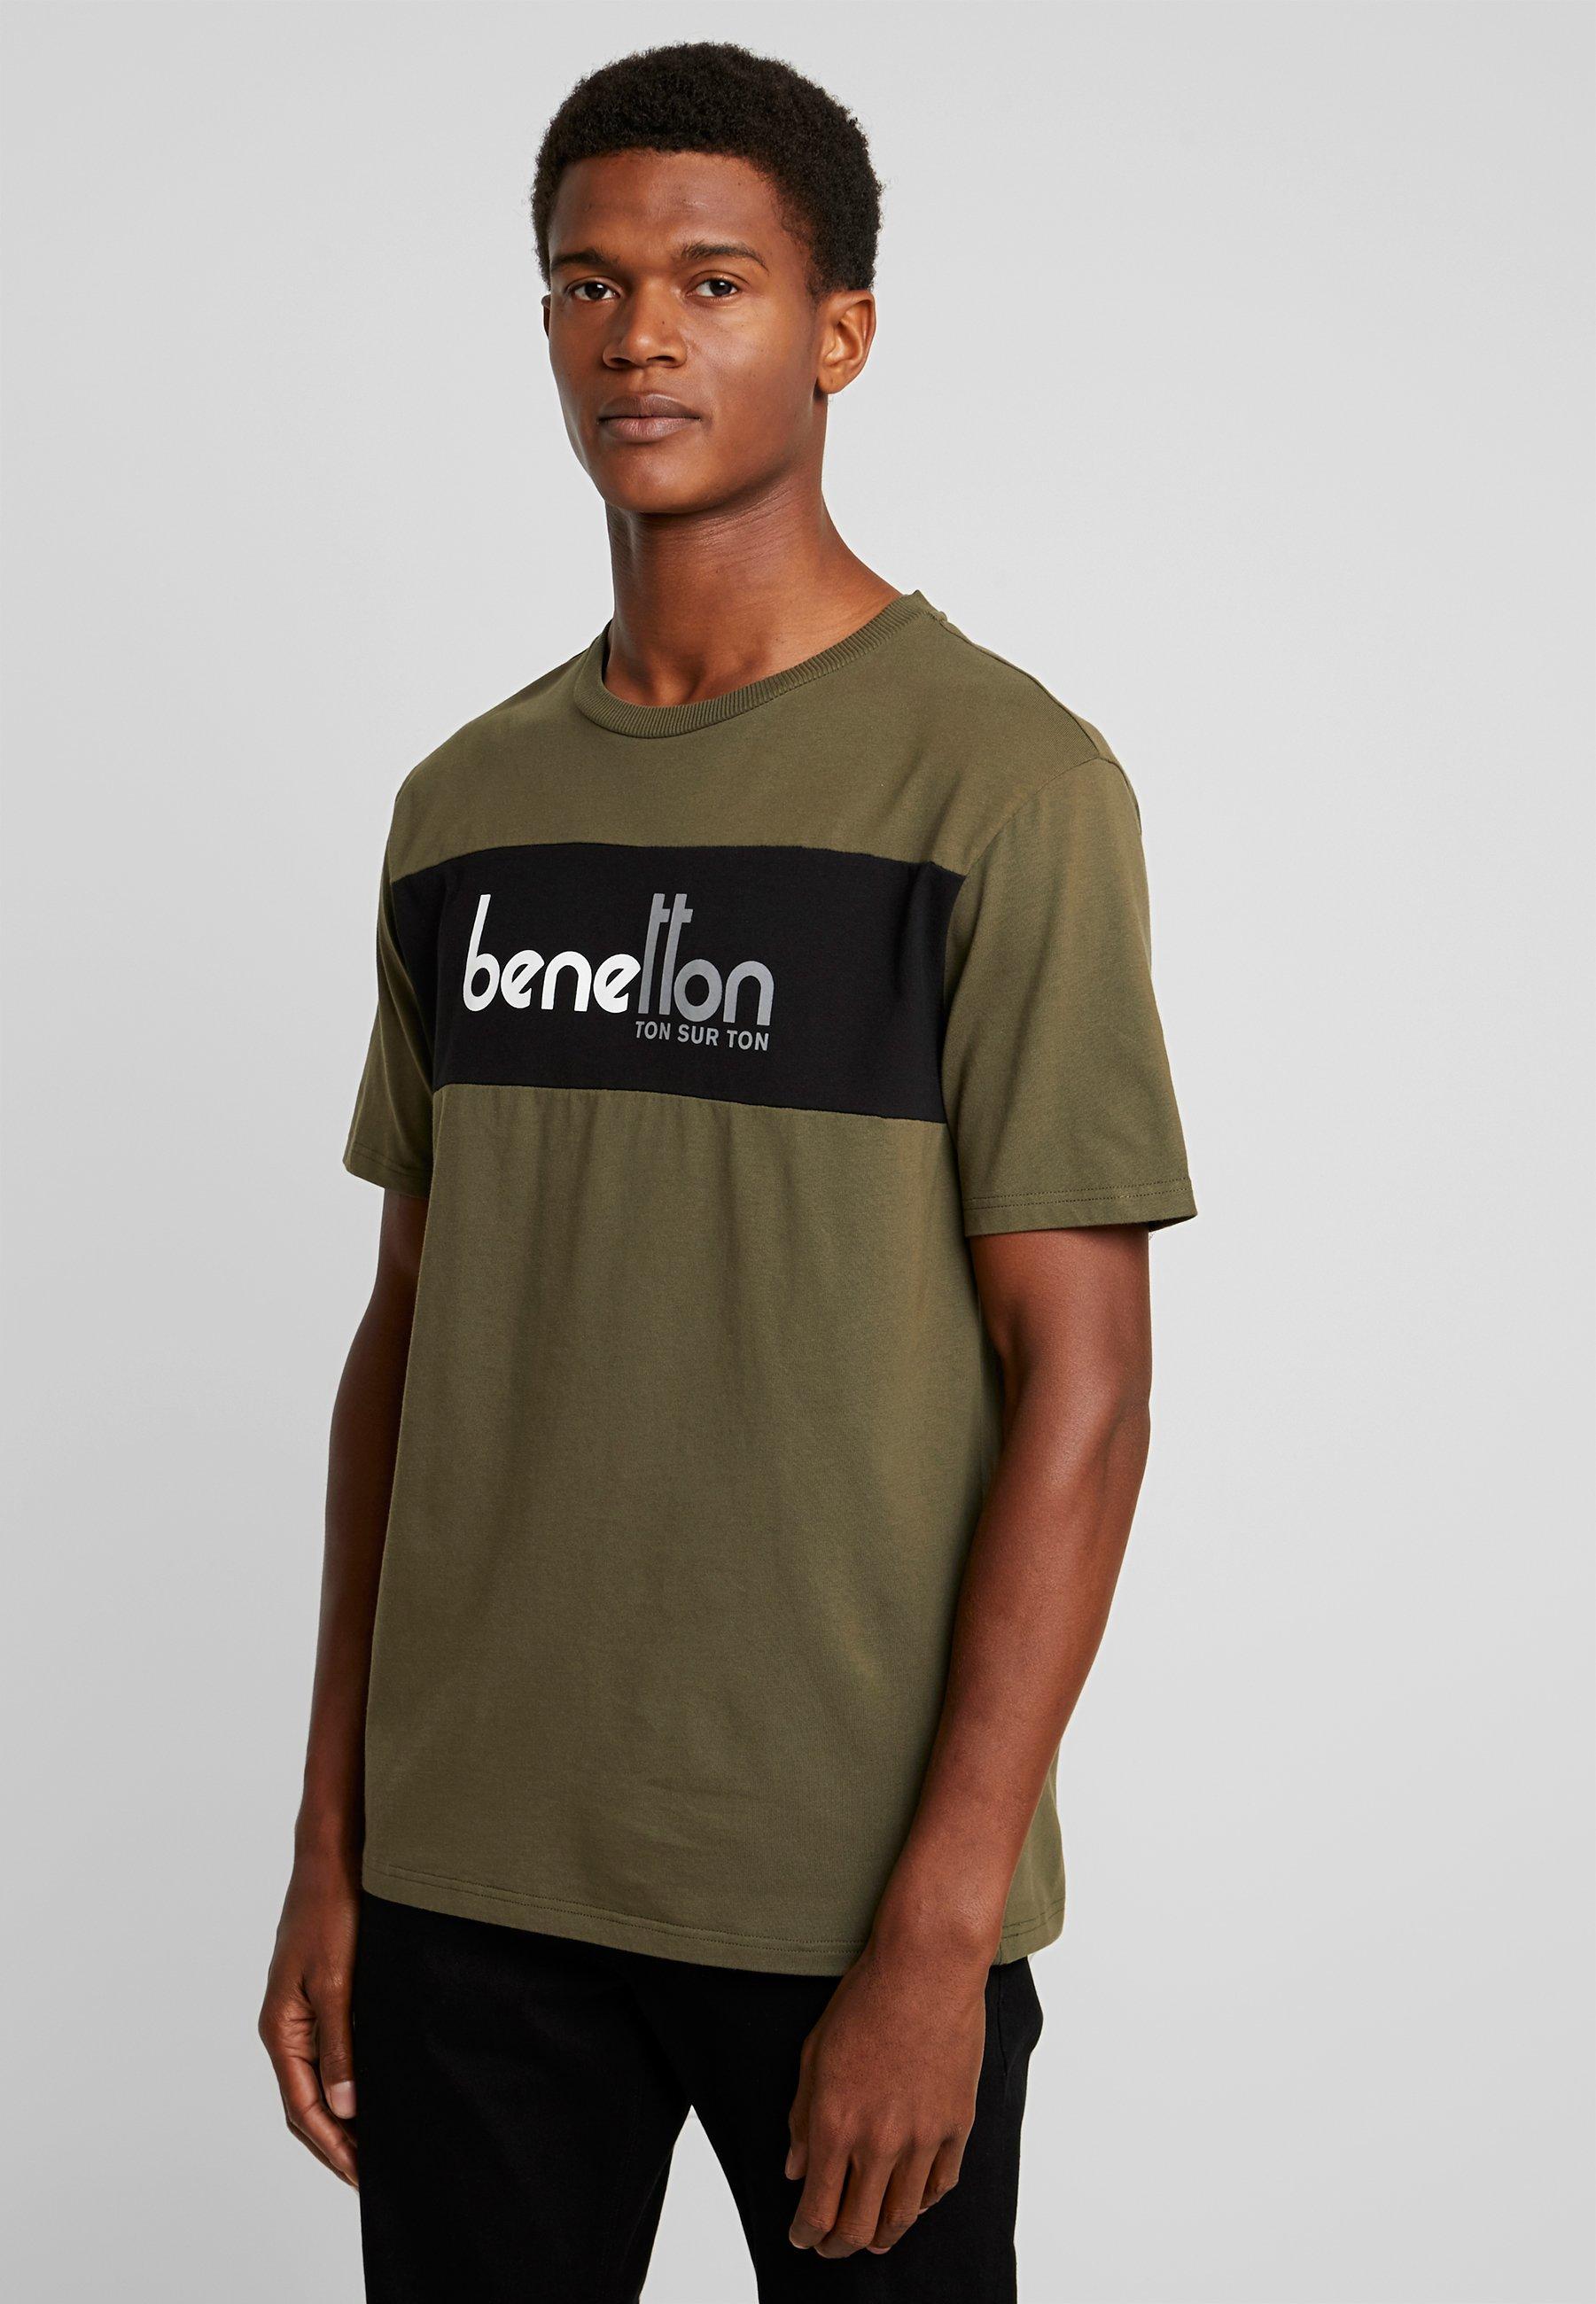 shirt ImpriméOlive shirt ImpriméOlive Benetton ImpriméOlive Benetton T Benetton T shirt T IYf76gvmby